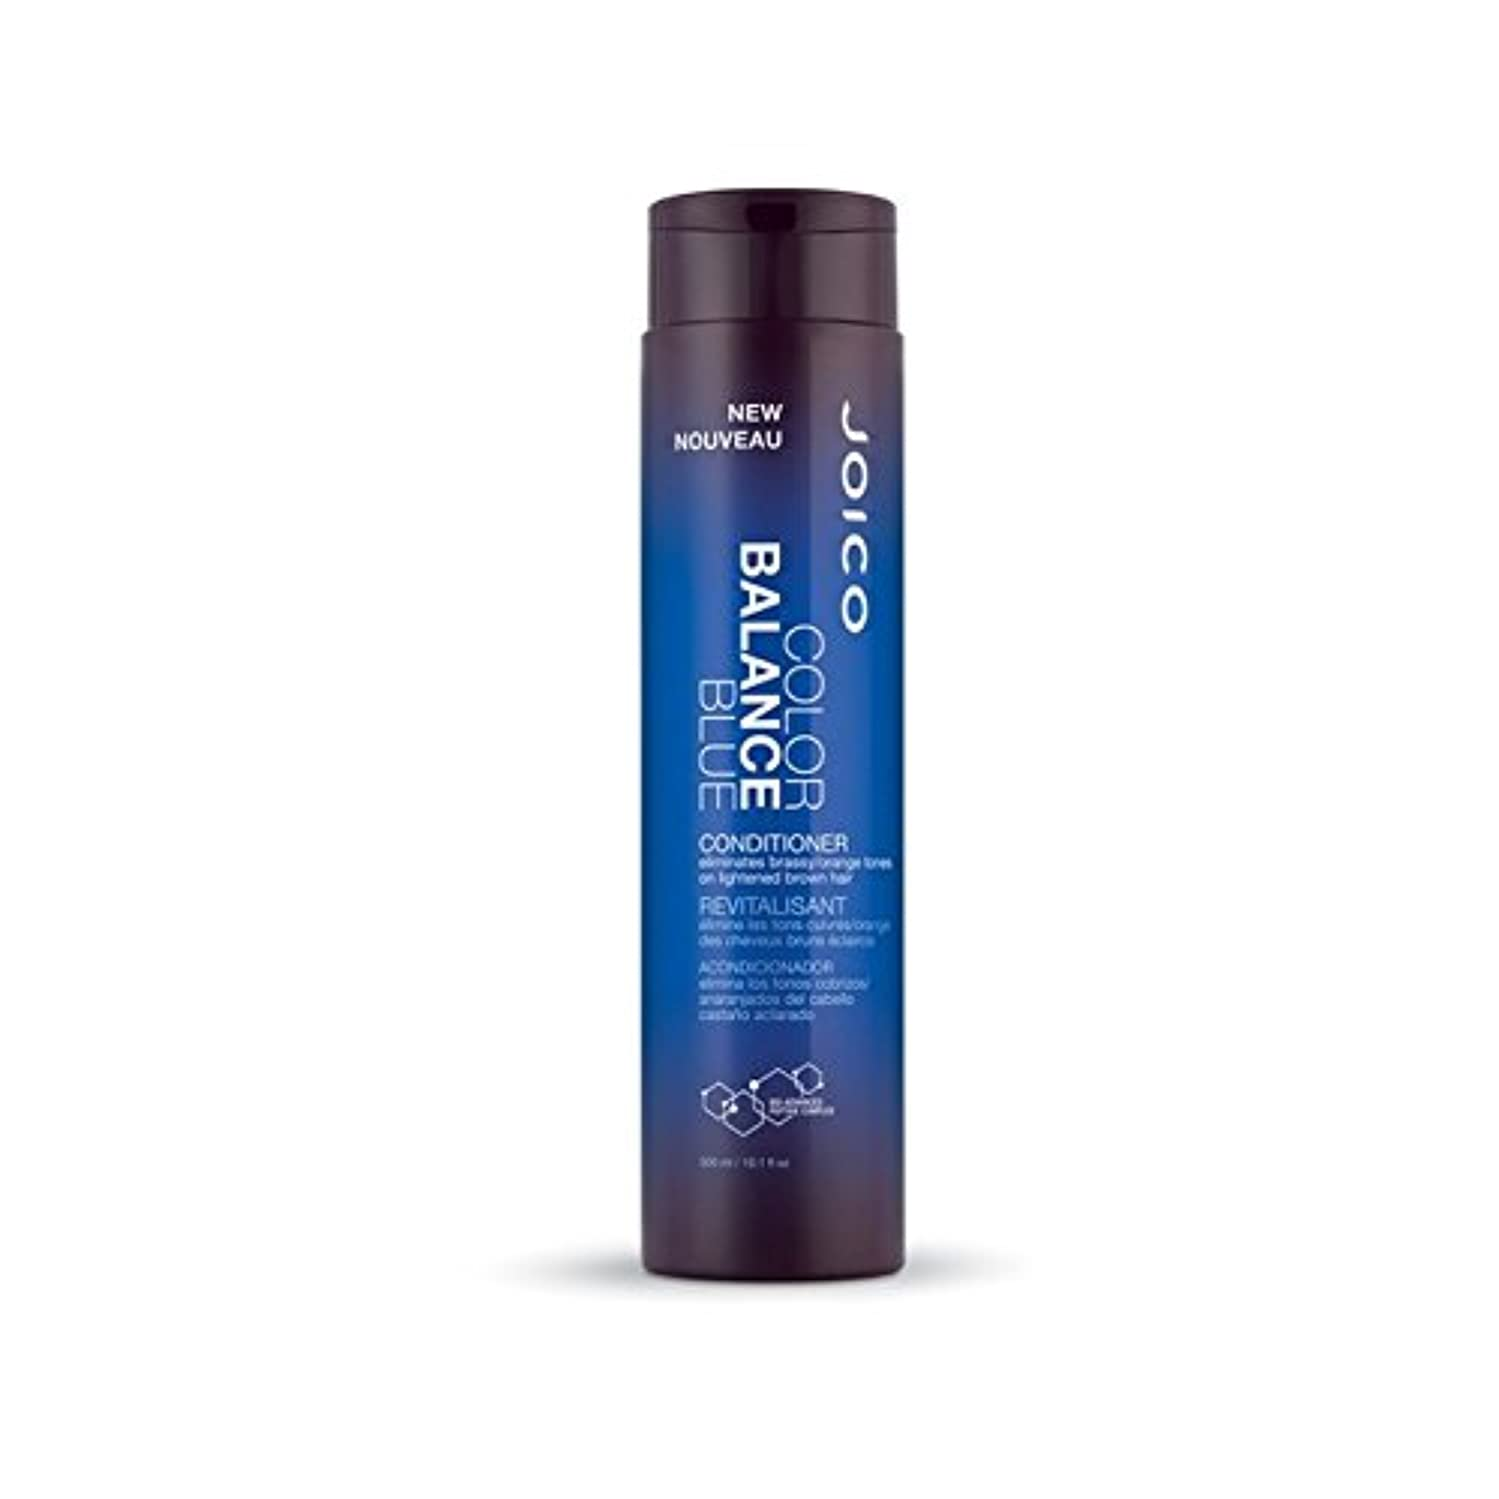 写真を撮る翻訳する効果的Joico Color Balance Blue Conditioner 300ml - ジョイコカラーバランスブルーコンディショナー300ミリリットル [並行輸入品]